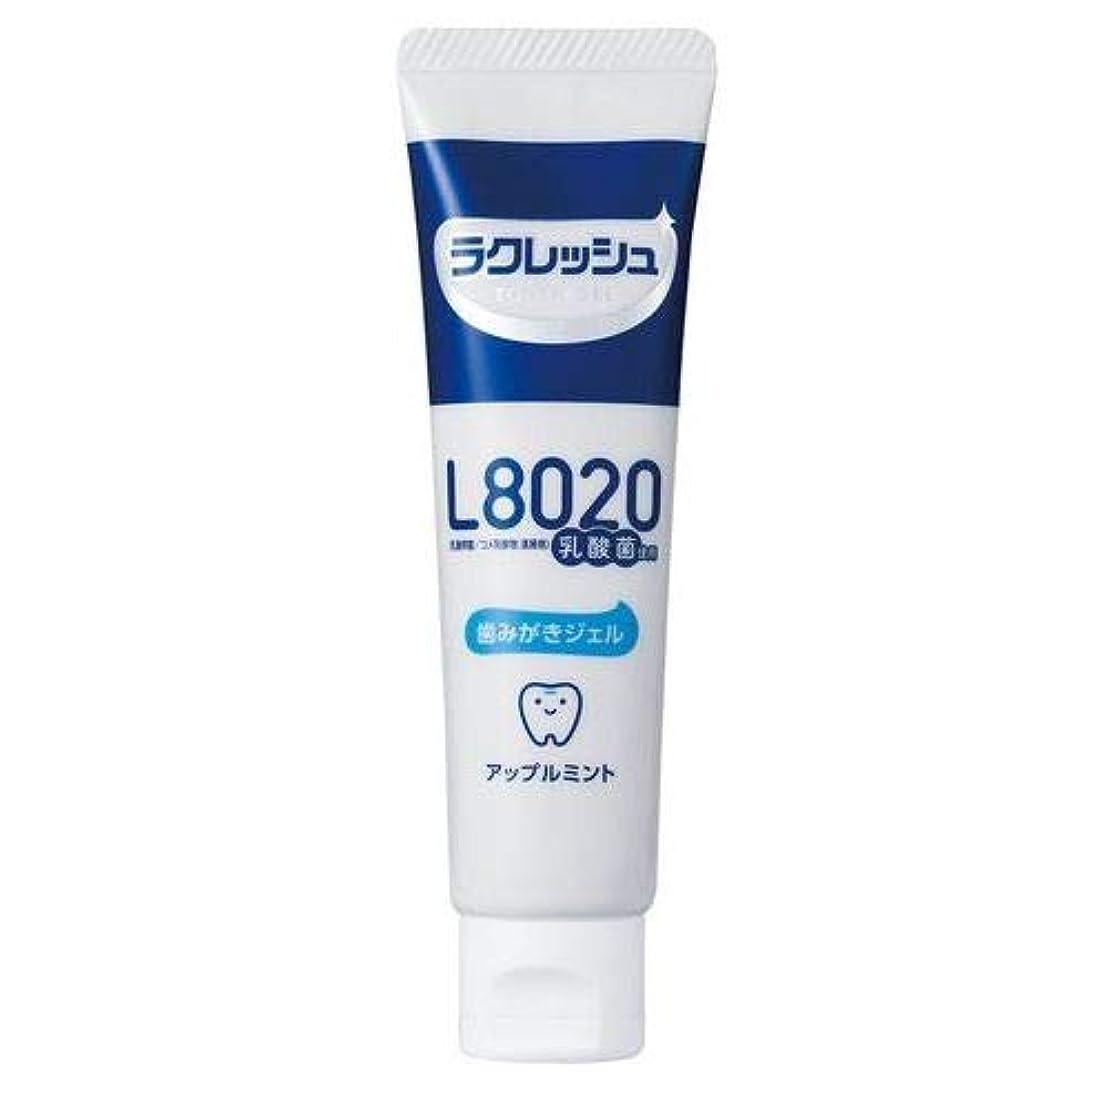 うんざりアンペア依存【50個セット】L8020乳酸菌 ラクレッシュ 歯みがきジェル 994918